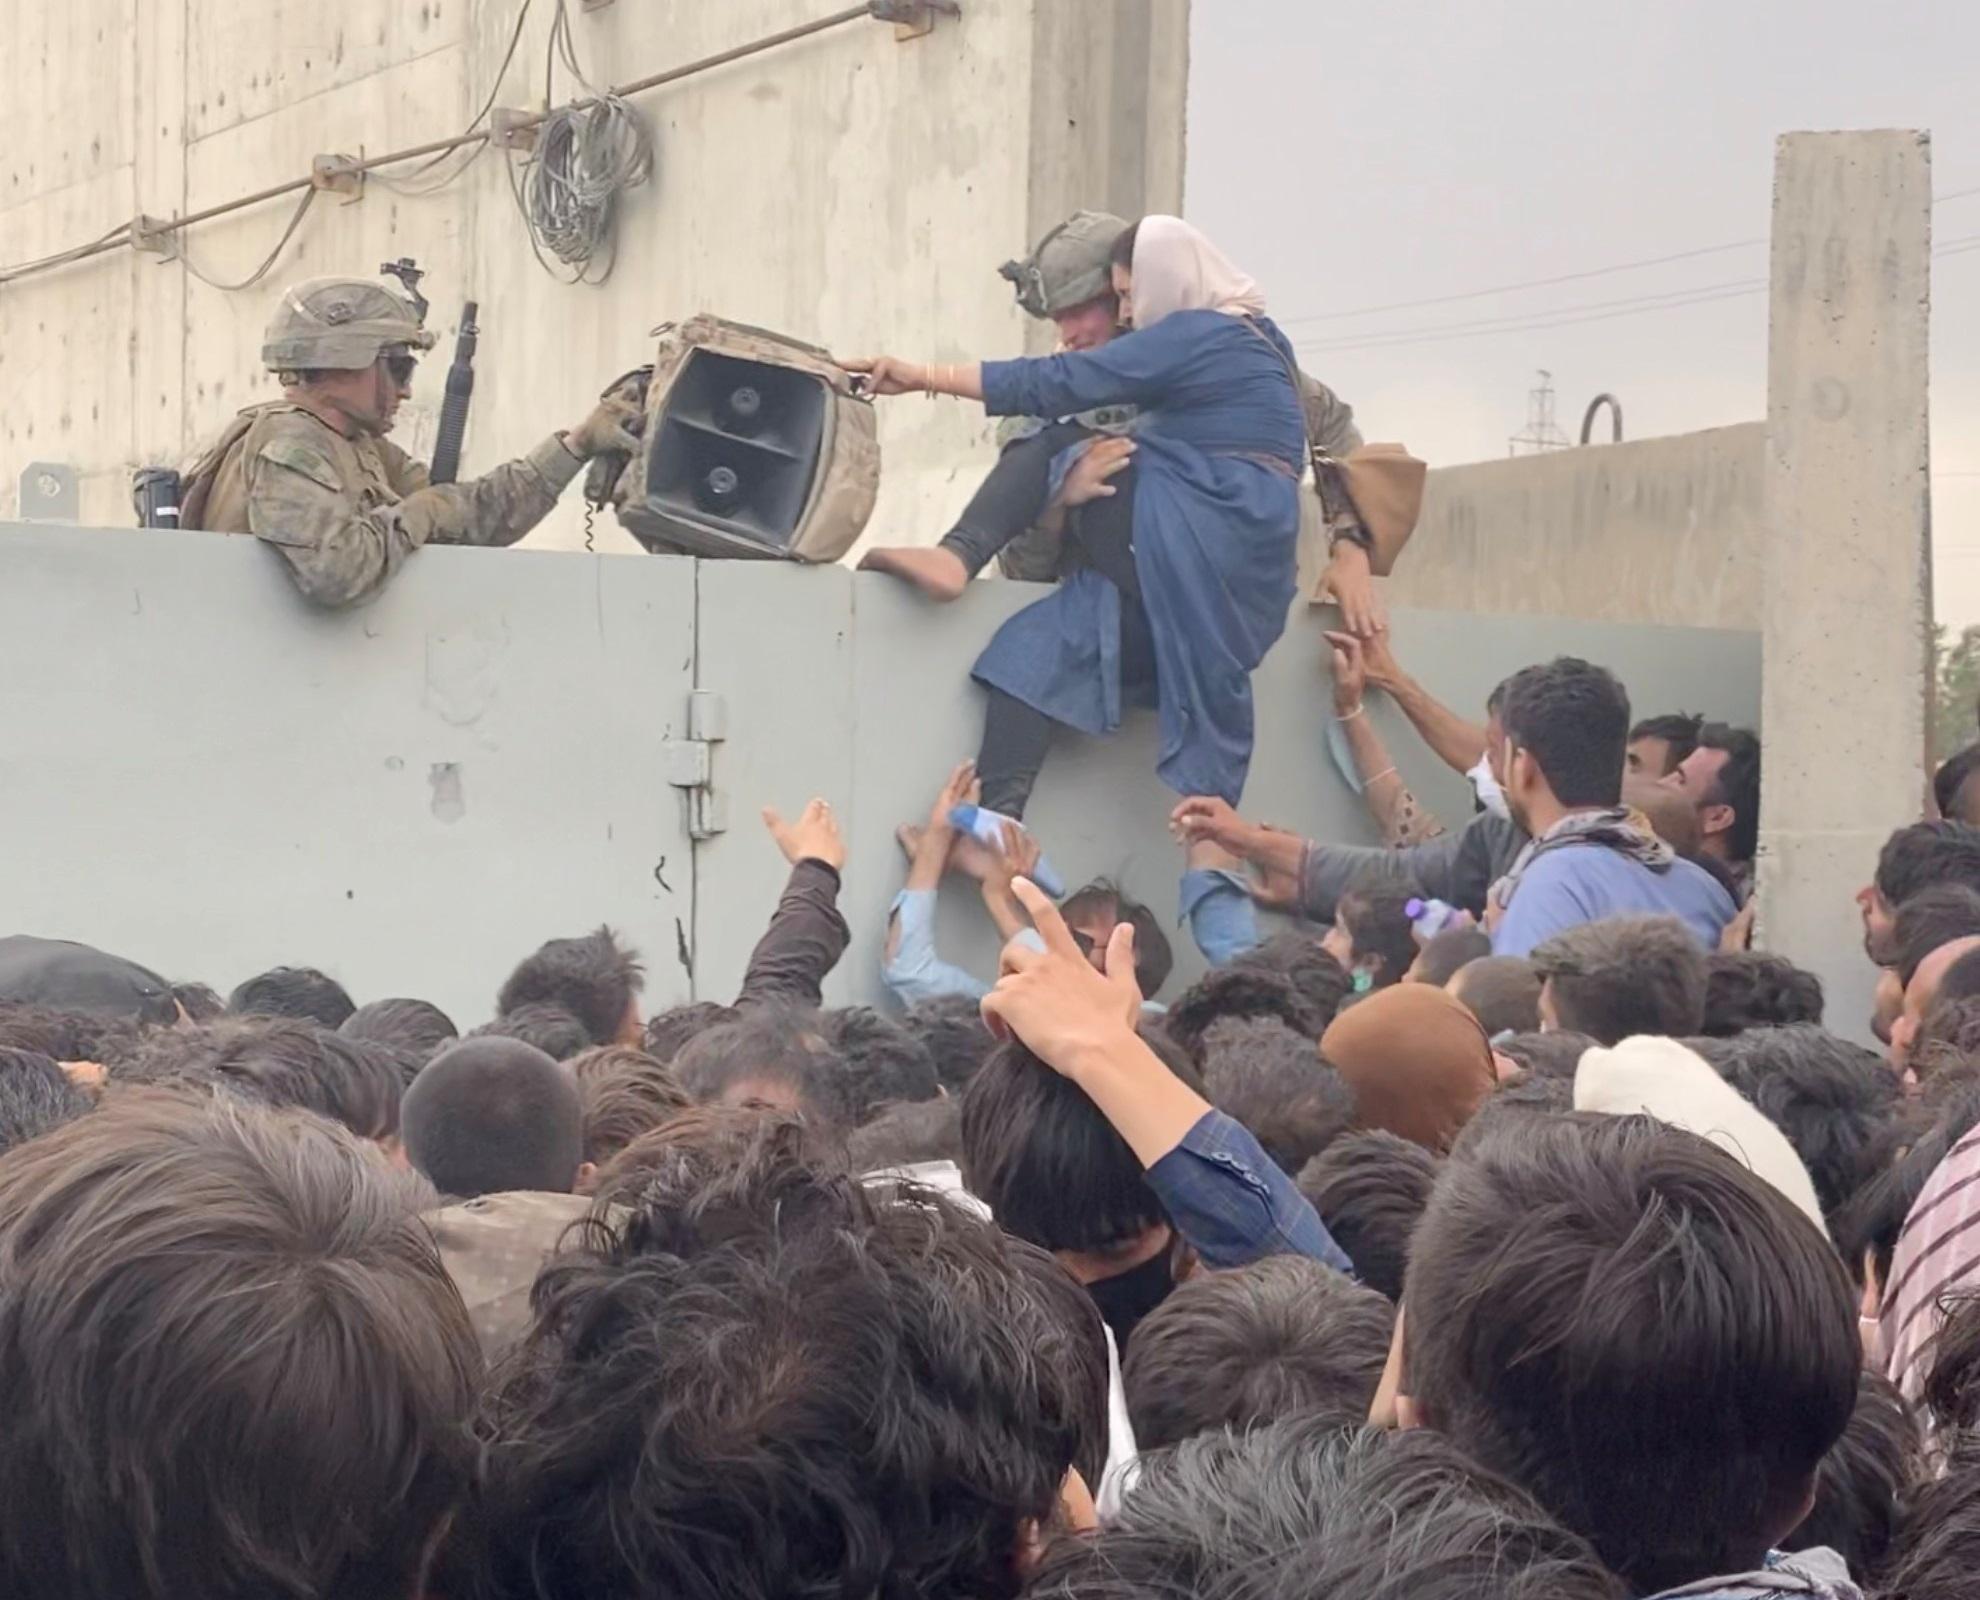 Χάος στο αεροδρόμιο της Καμπούλ – Οι Ταλιμπάν δεσμεύονται ότι θα λογοδοτήσουν για τις ενέργειές τους